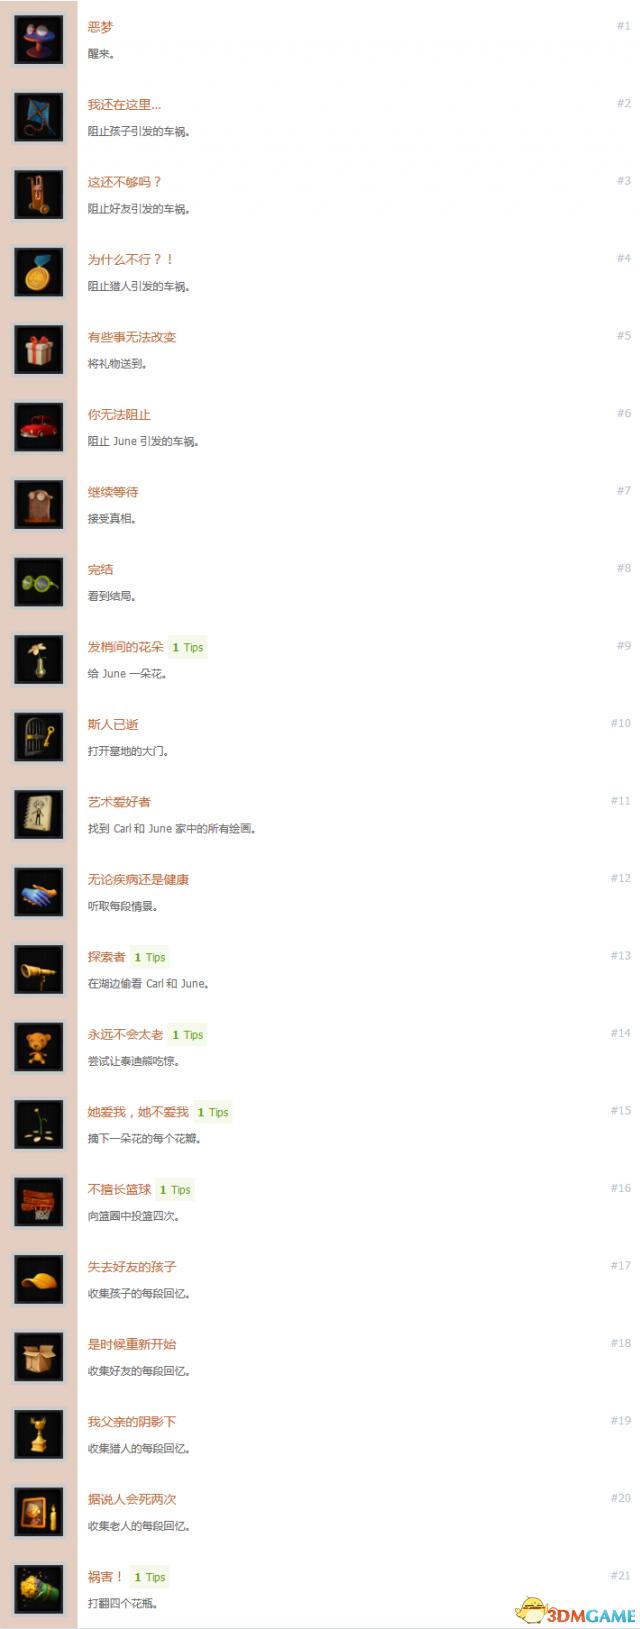 June的最后一天全中文奖杯及完成条件一览